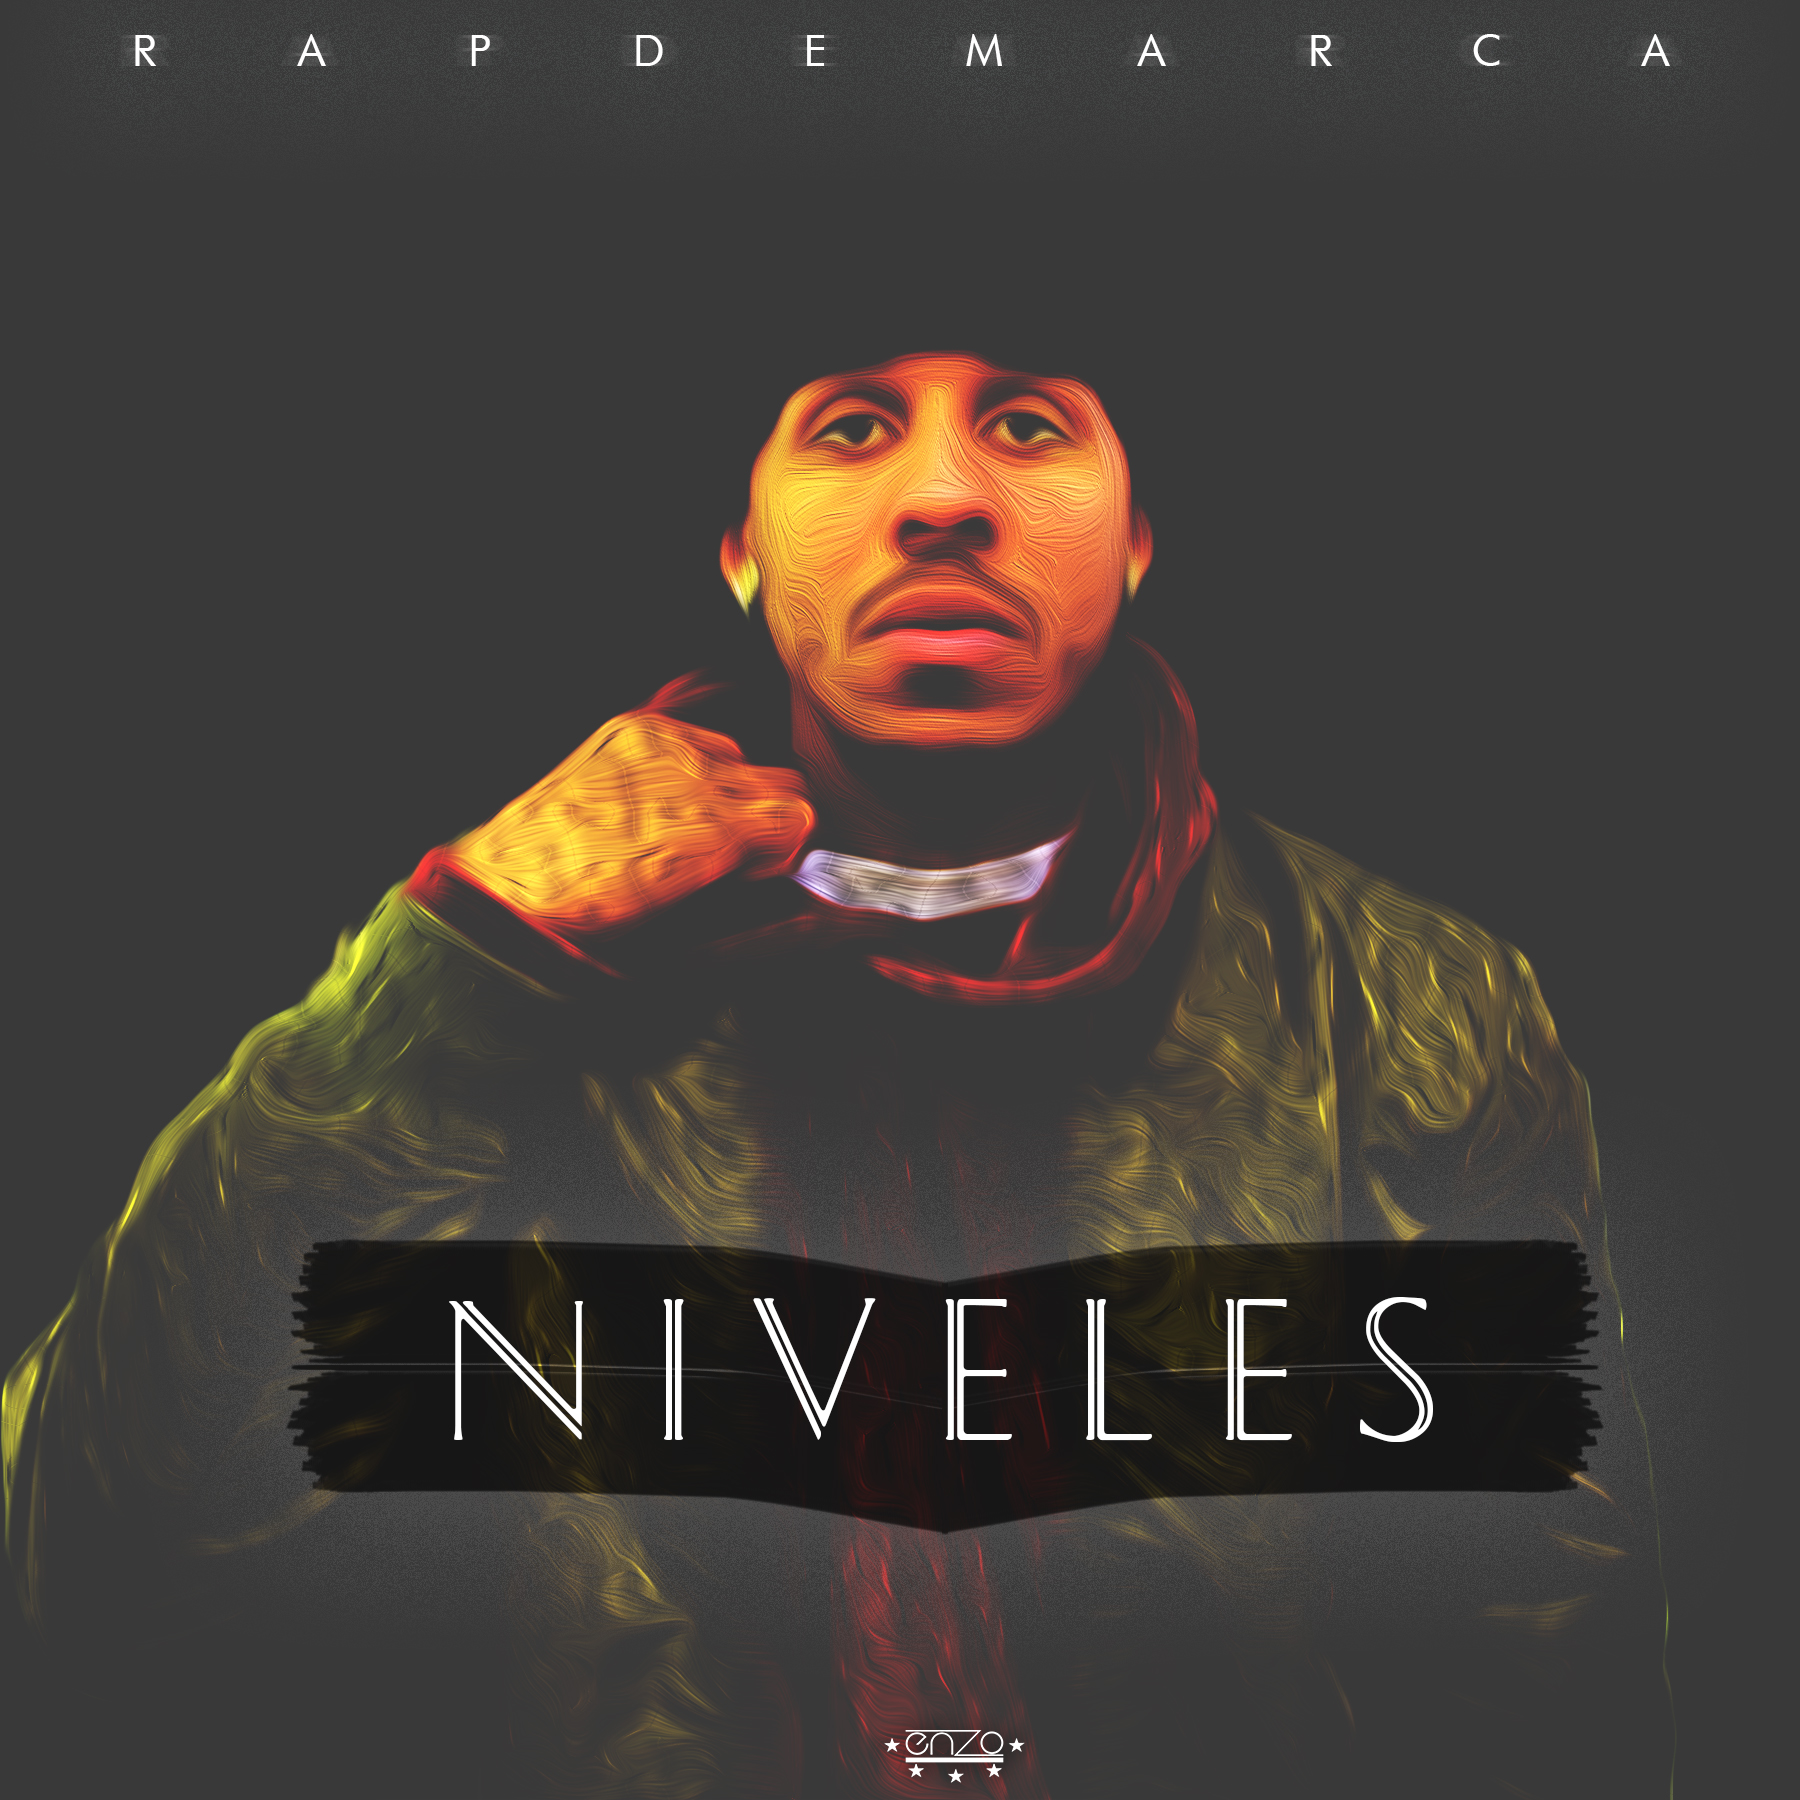 Enzo Niveles - Enzo - Niveles